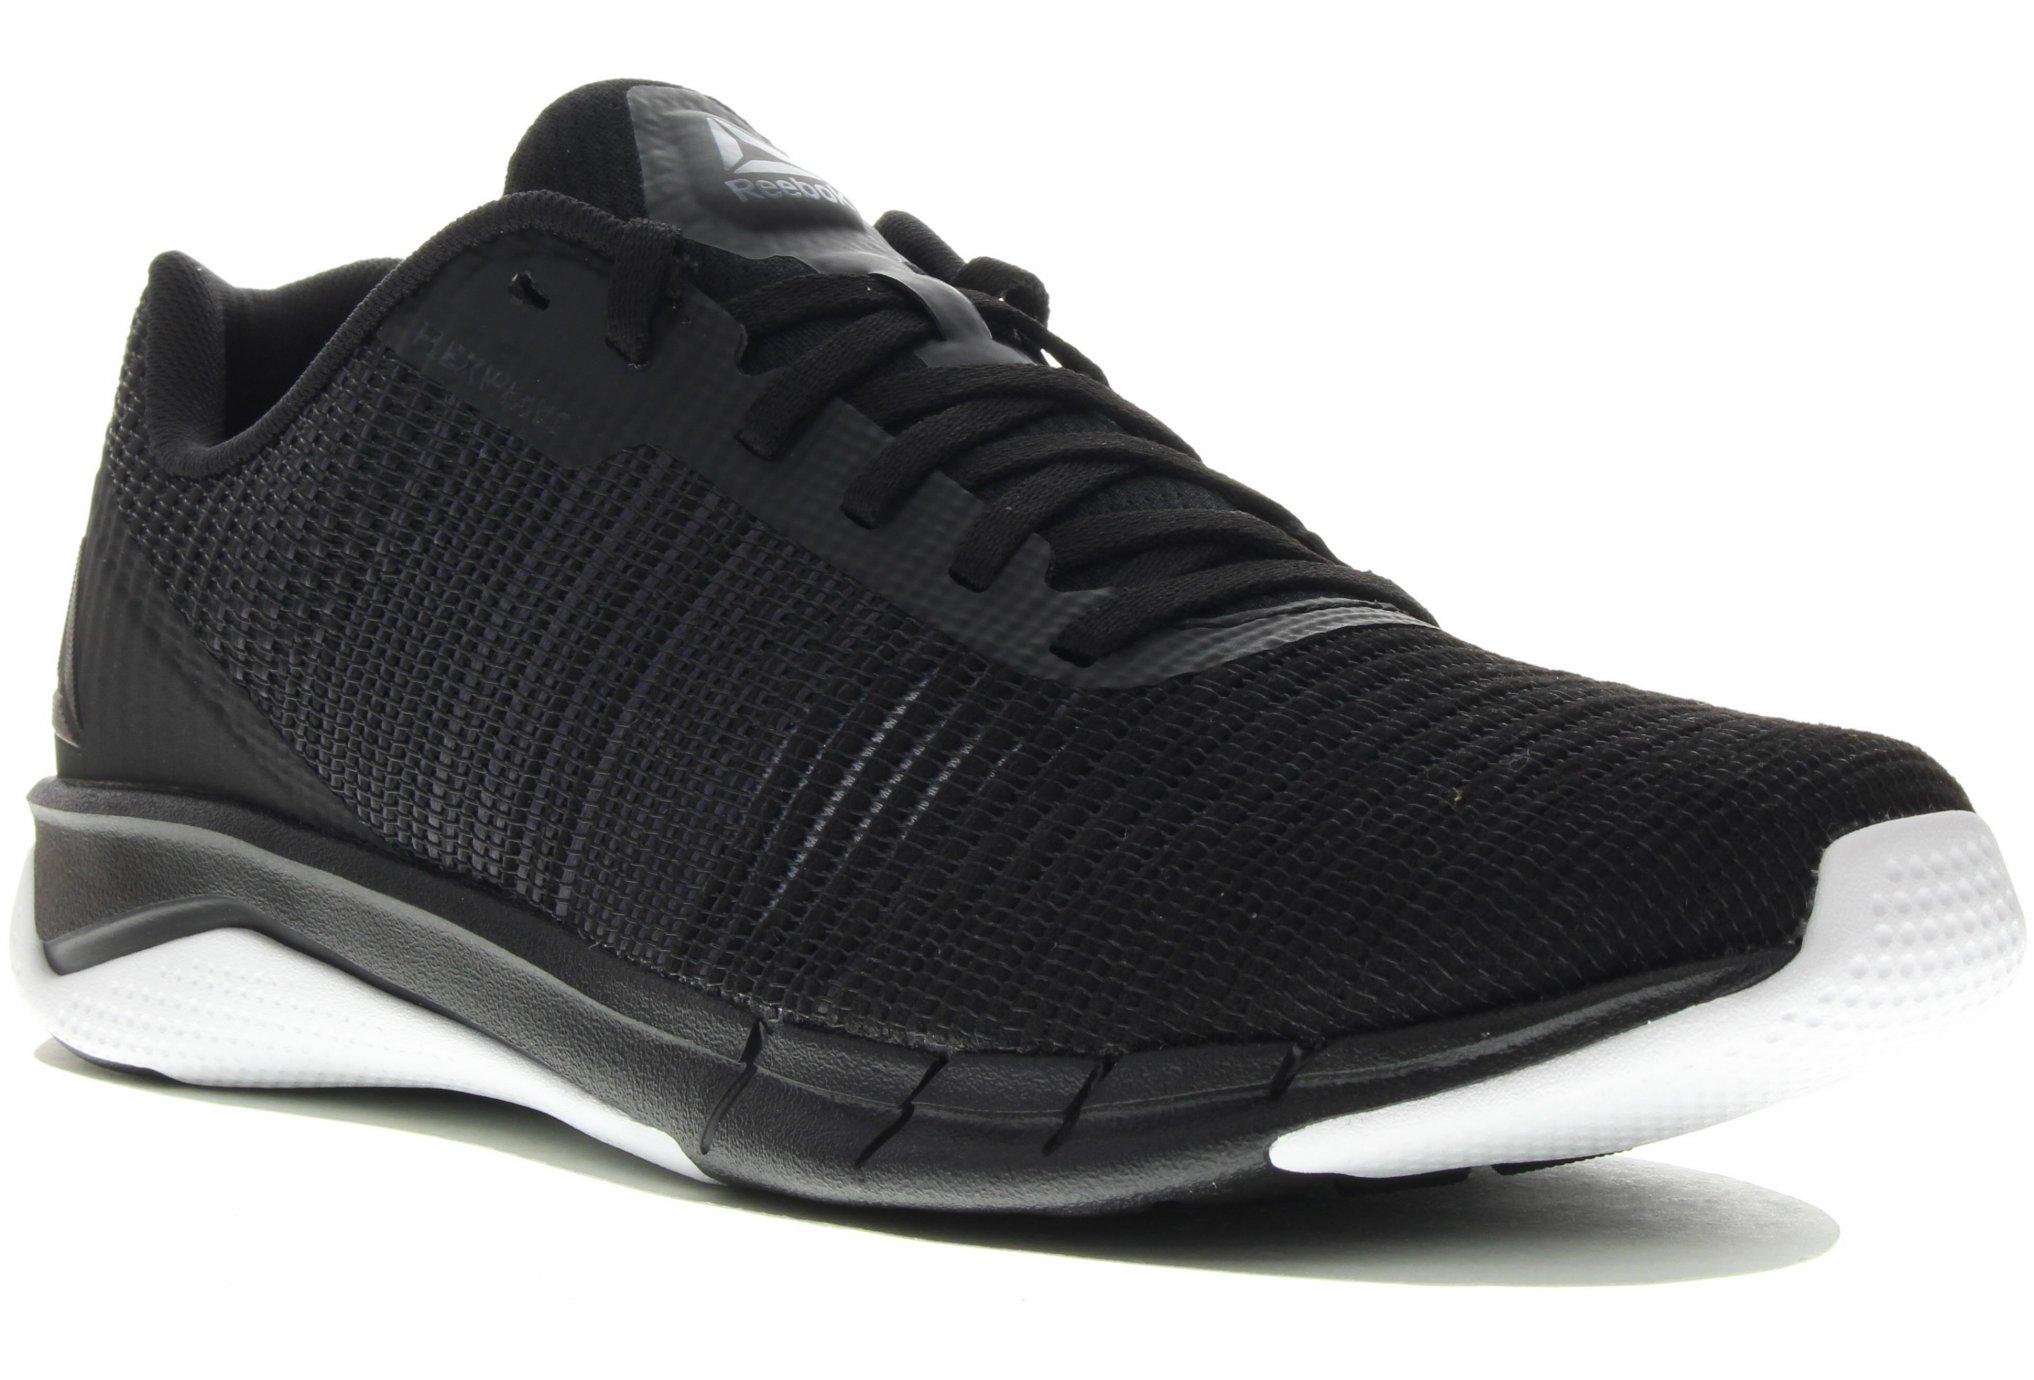 Reebok Fast Flexweave M Diététique Chaussures homme